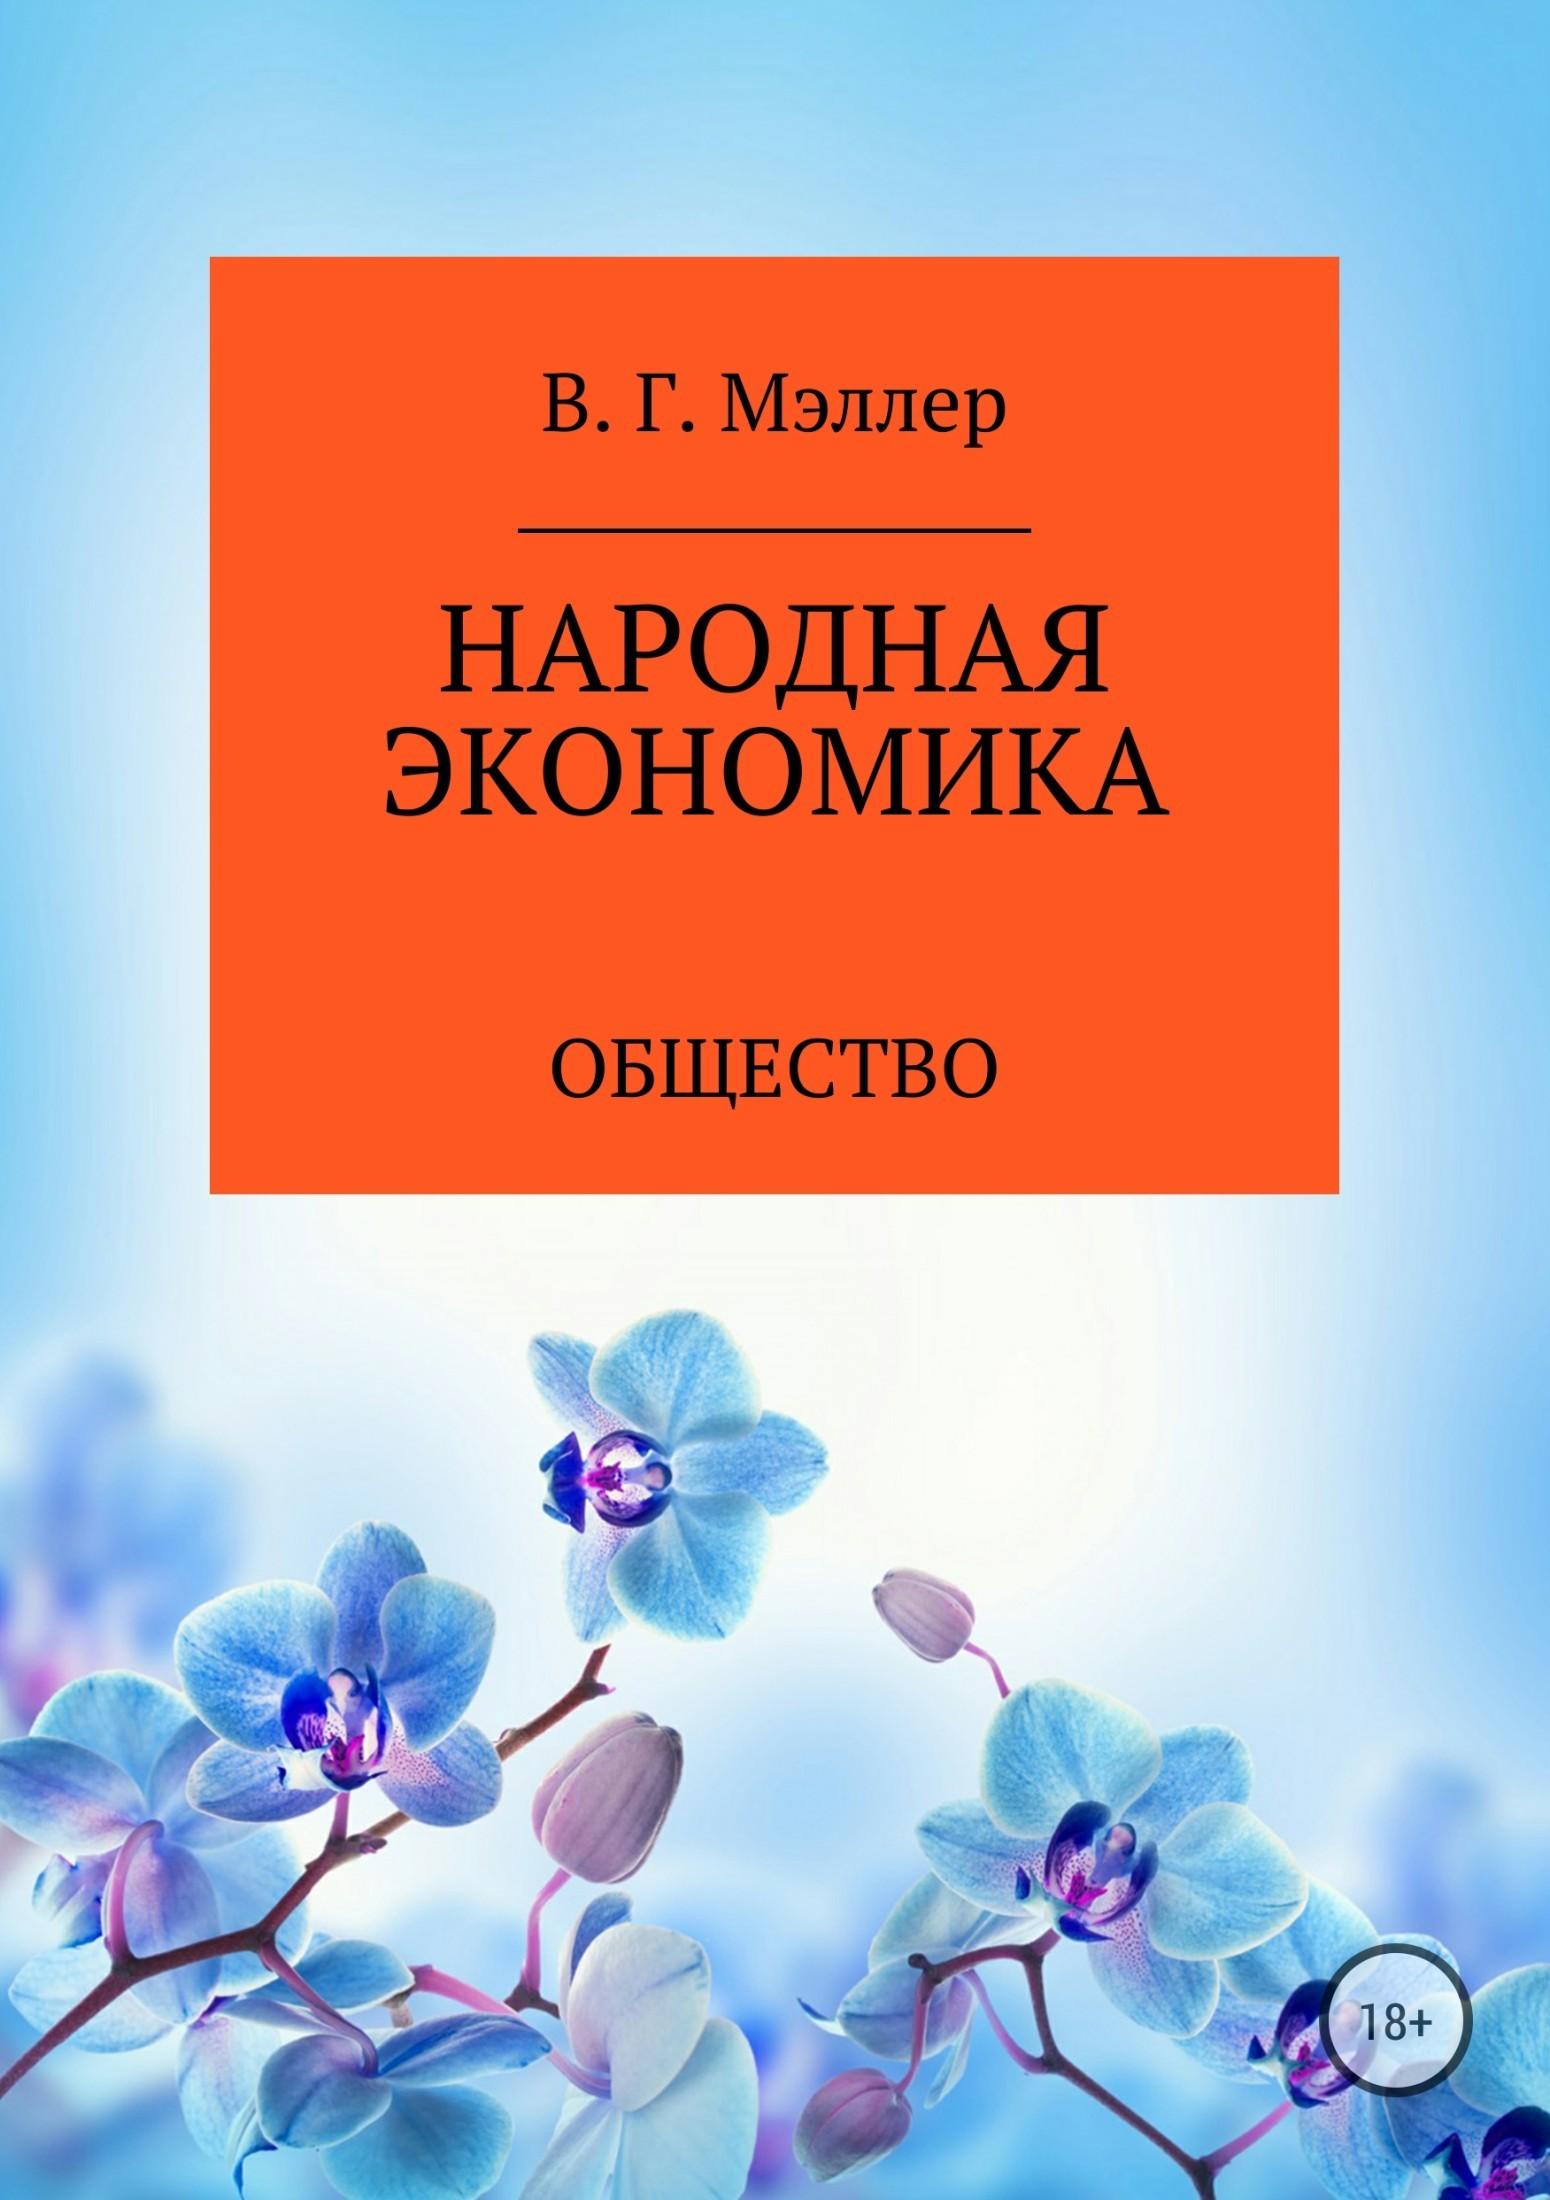 ВИКТОР ГРИГОРЬЕВИЧ МЭЛЛЕР Народная экономика виктор григорьевич мэллер и любовь и счастье